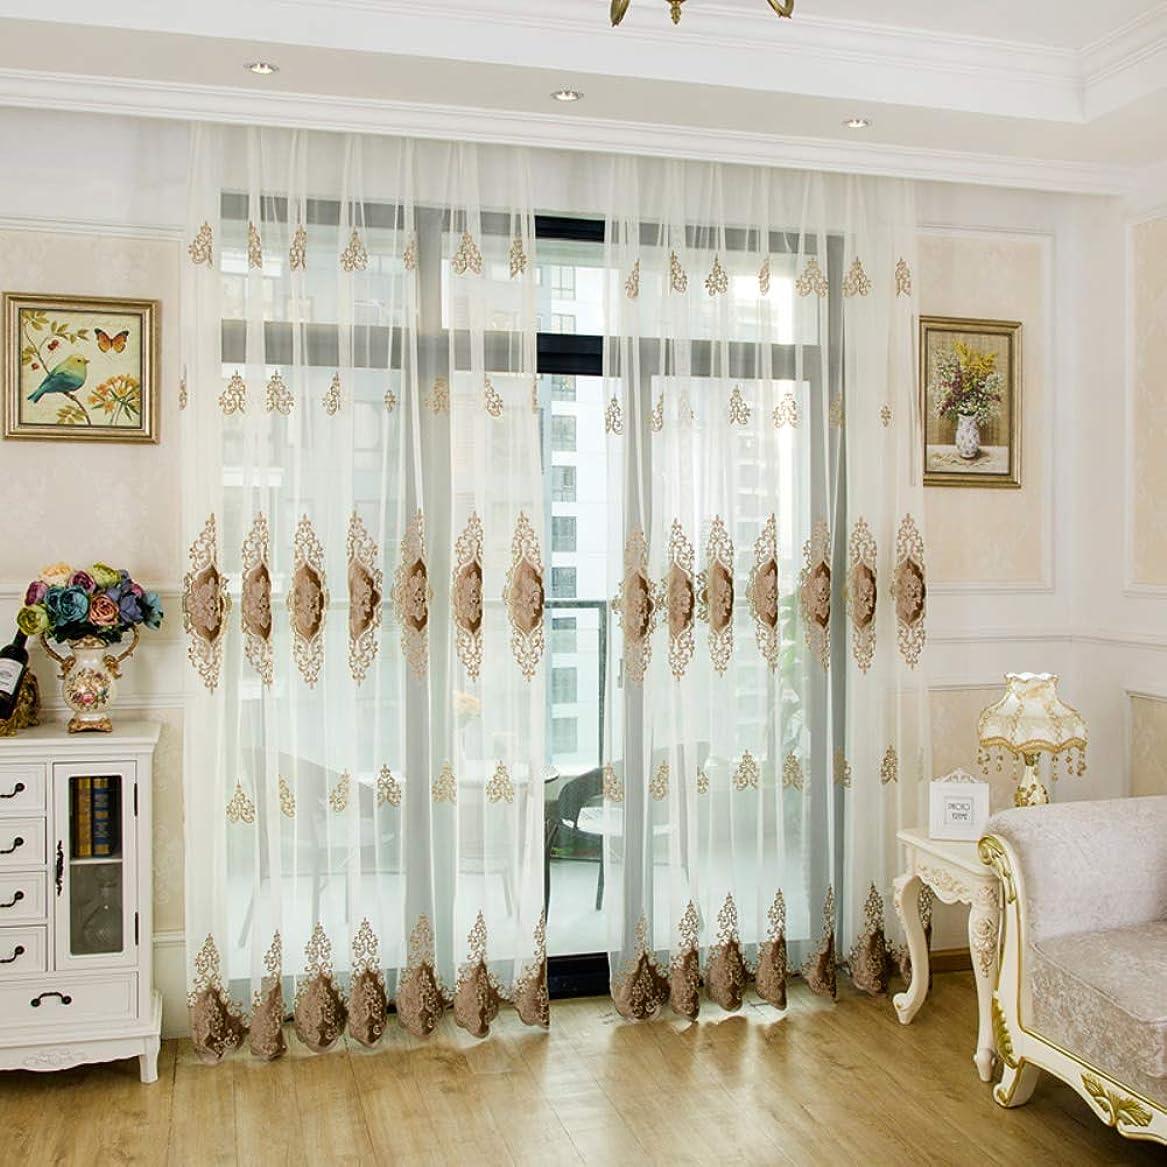 広まった活発勝利したWL ホワイト刺繍 レースカーテン,半薄い寝室チュール カーテン グロメット トップ半遮光 カーテン パネル,1 パネル-a 350x270cm(138x106inch)